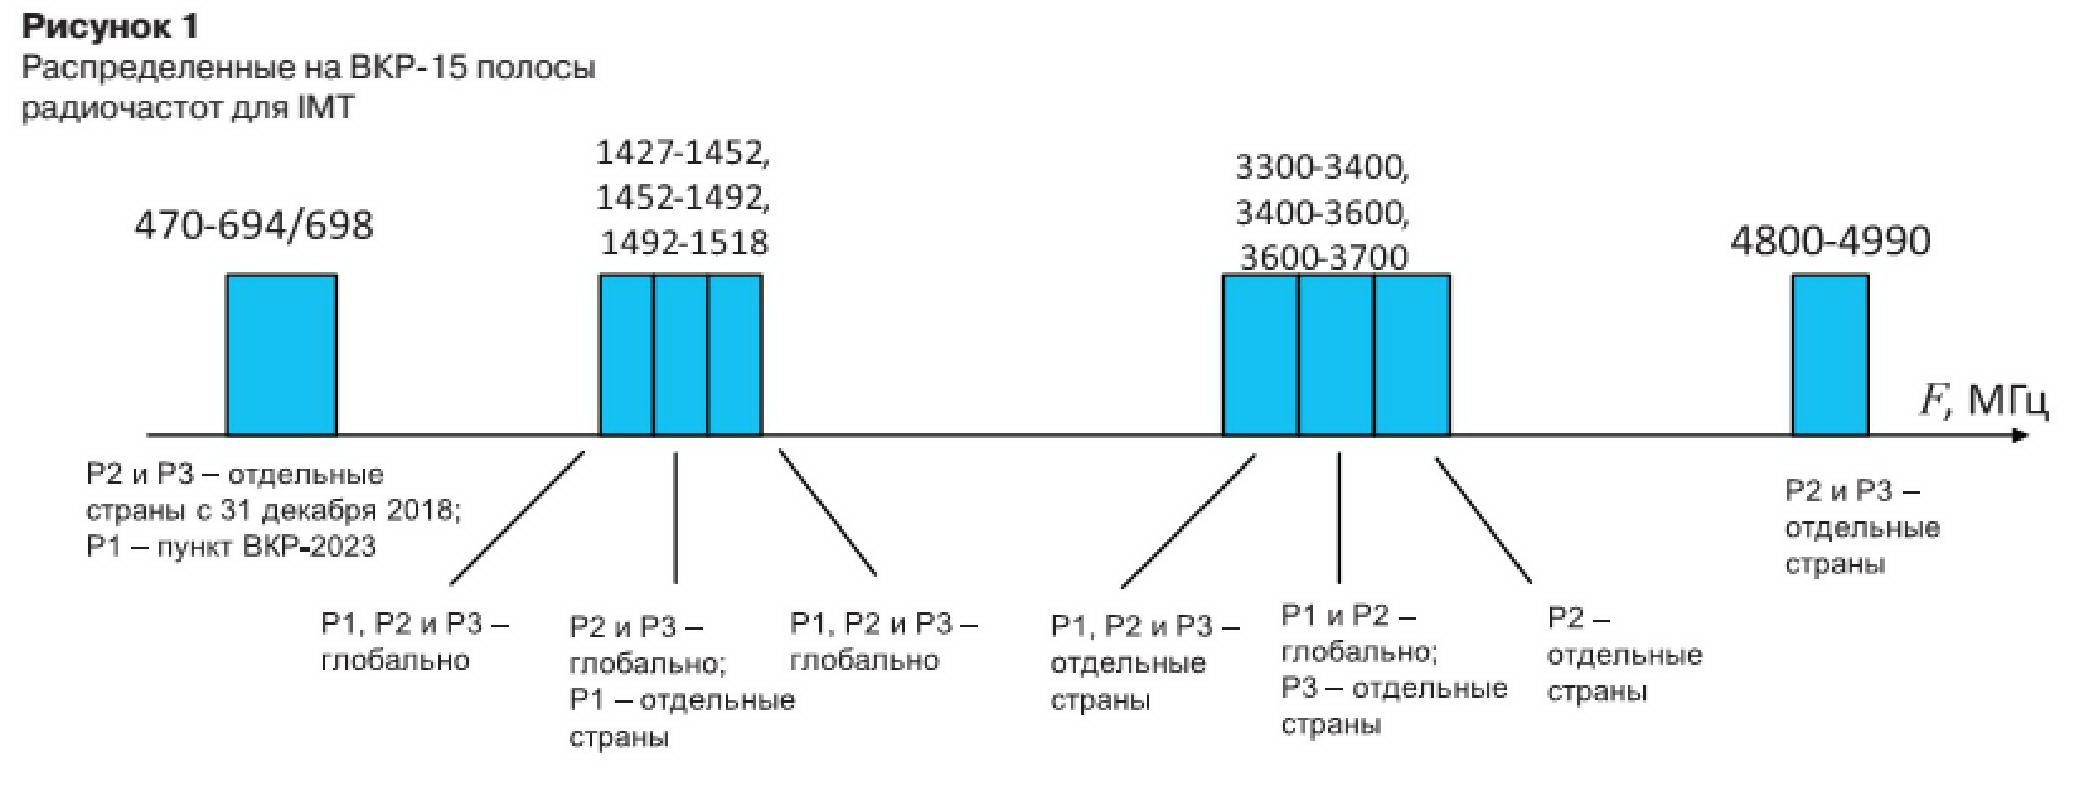 НИИР № 9 (1) 2.2 3